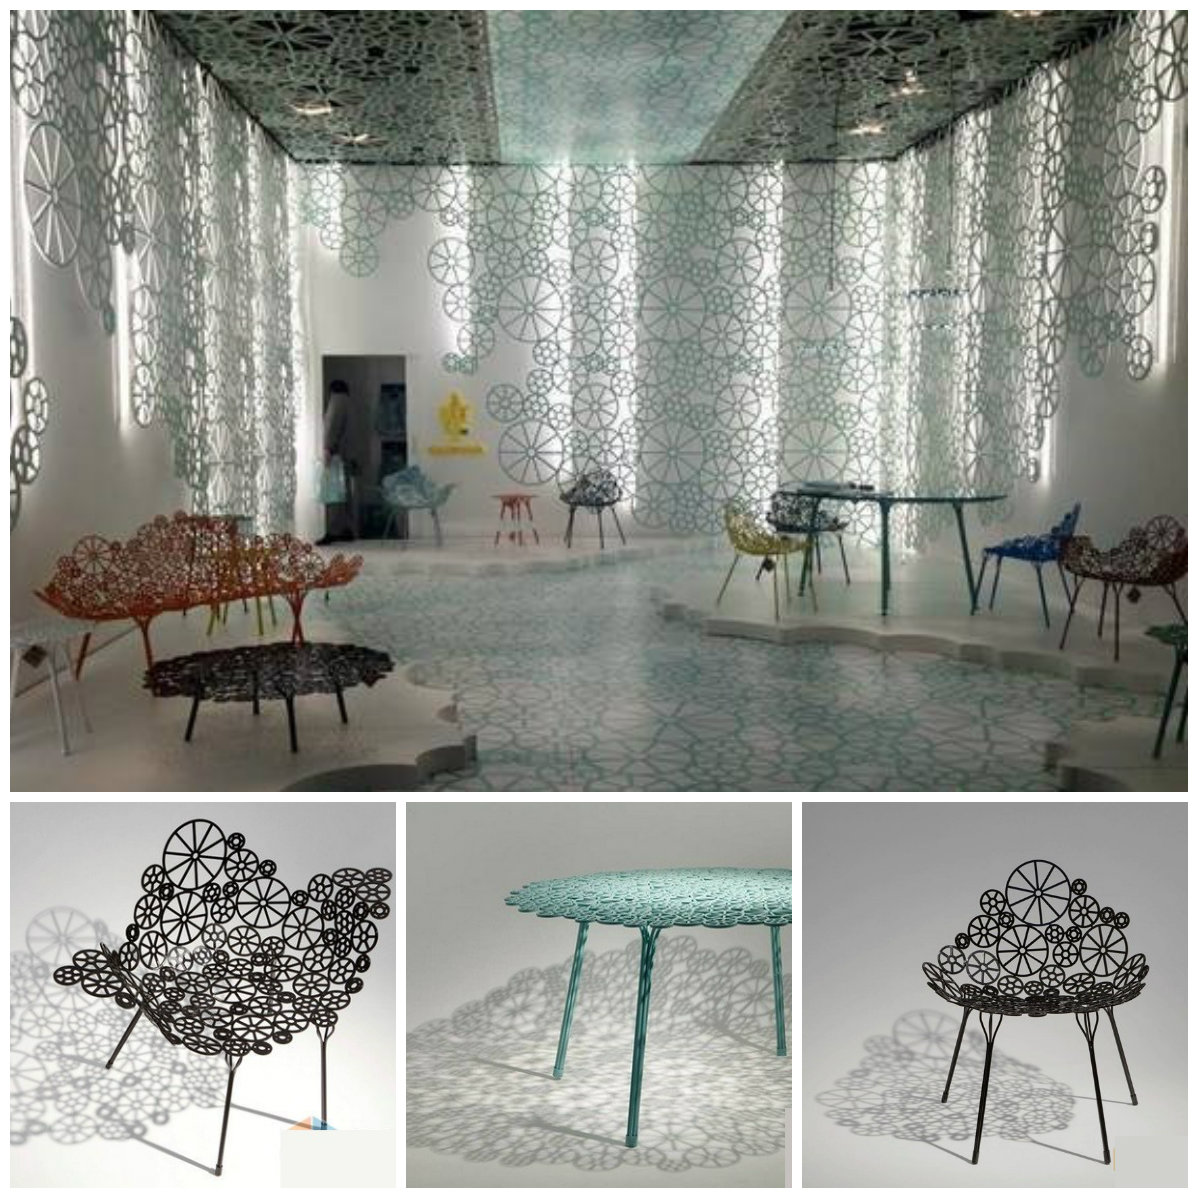 Ажурная металлическая мебель